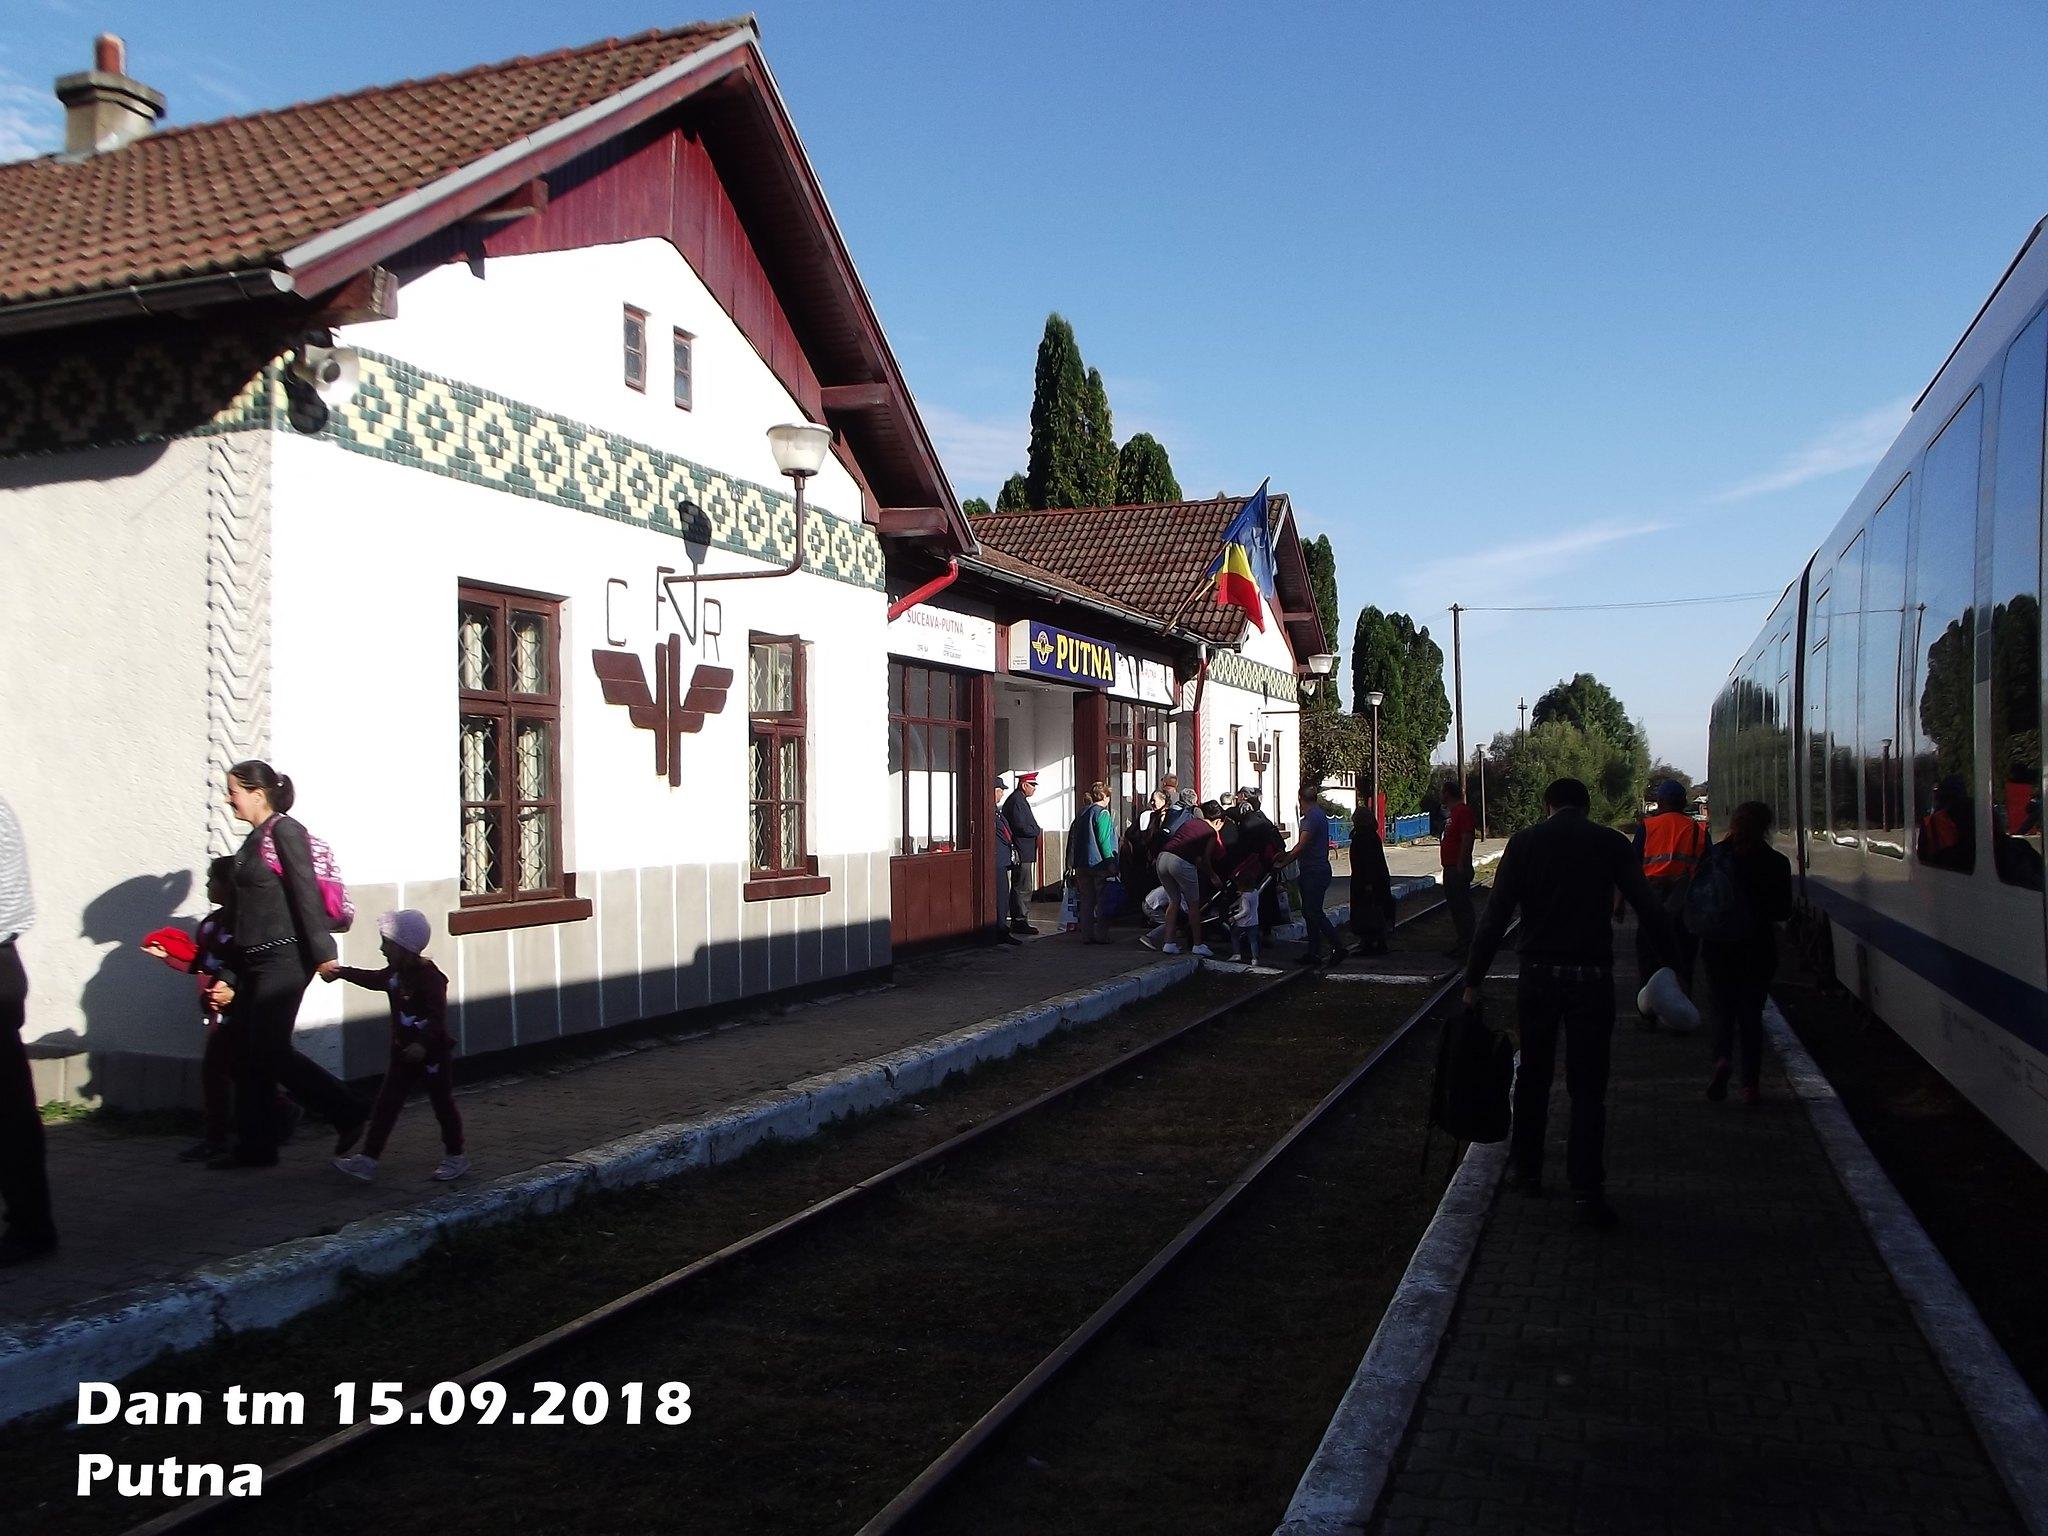 515 : Dorneşti - Gura Putnei - (Putna) - Nisipitu - Seletin UKR - Pagina 47 44685377442_cb47302689_k